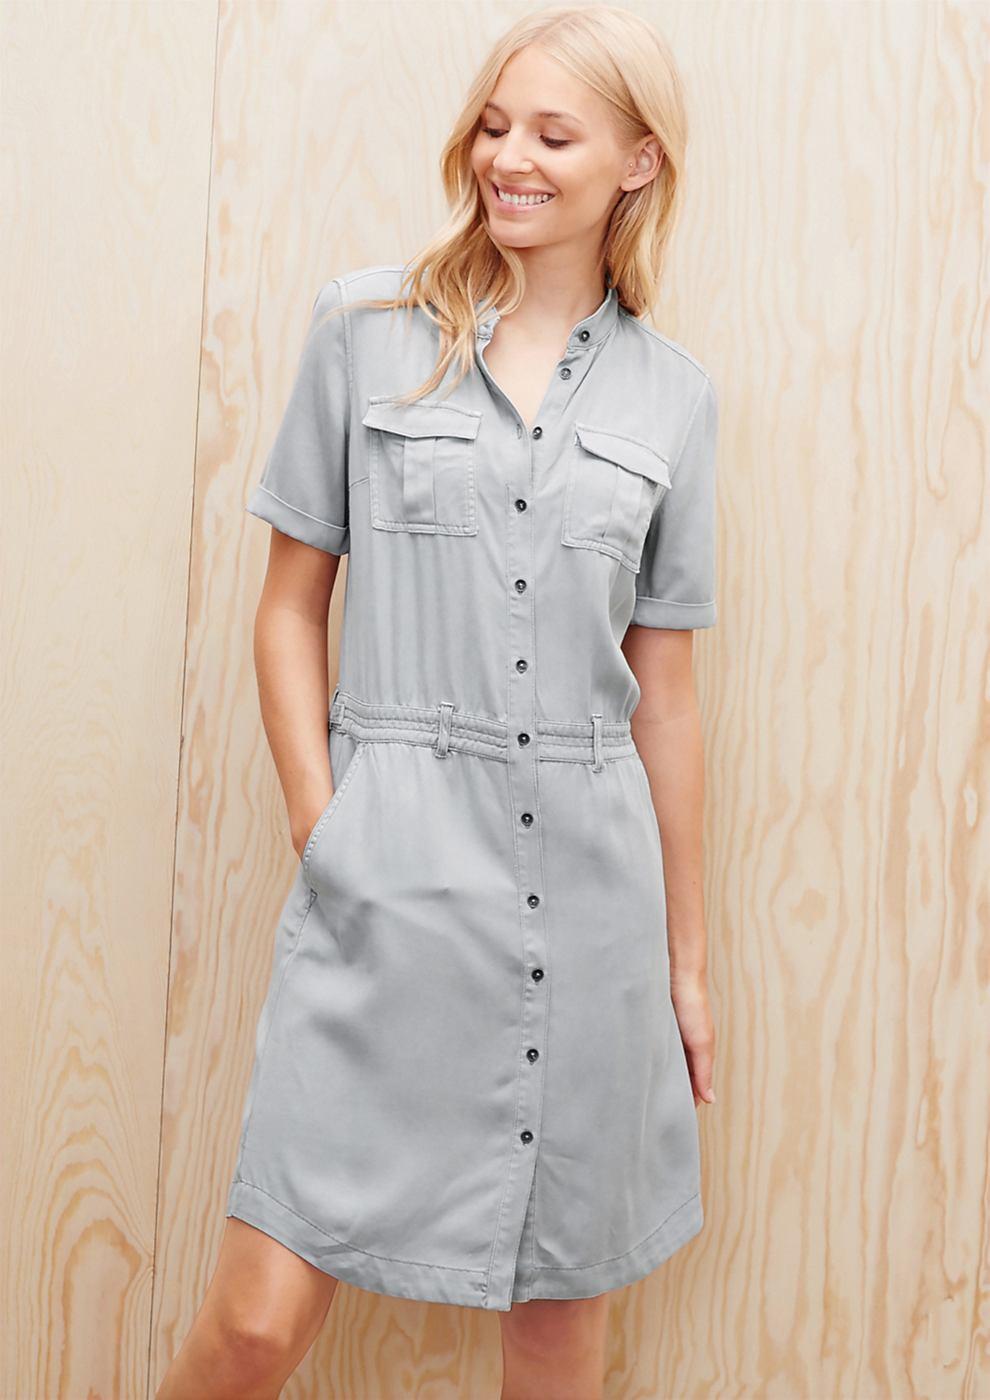 s.Oliver Fluweelzachte jurk van twill grijs